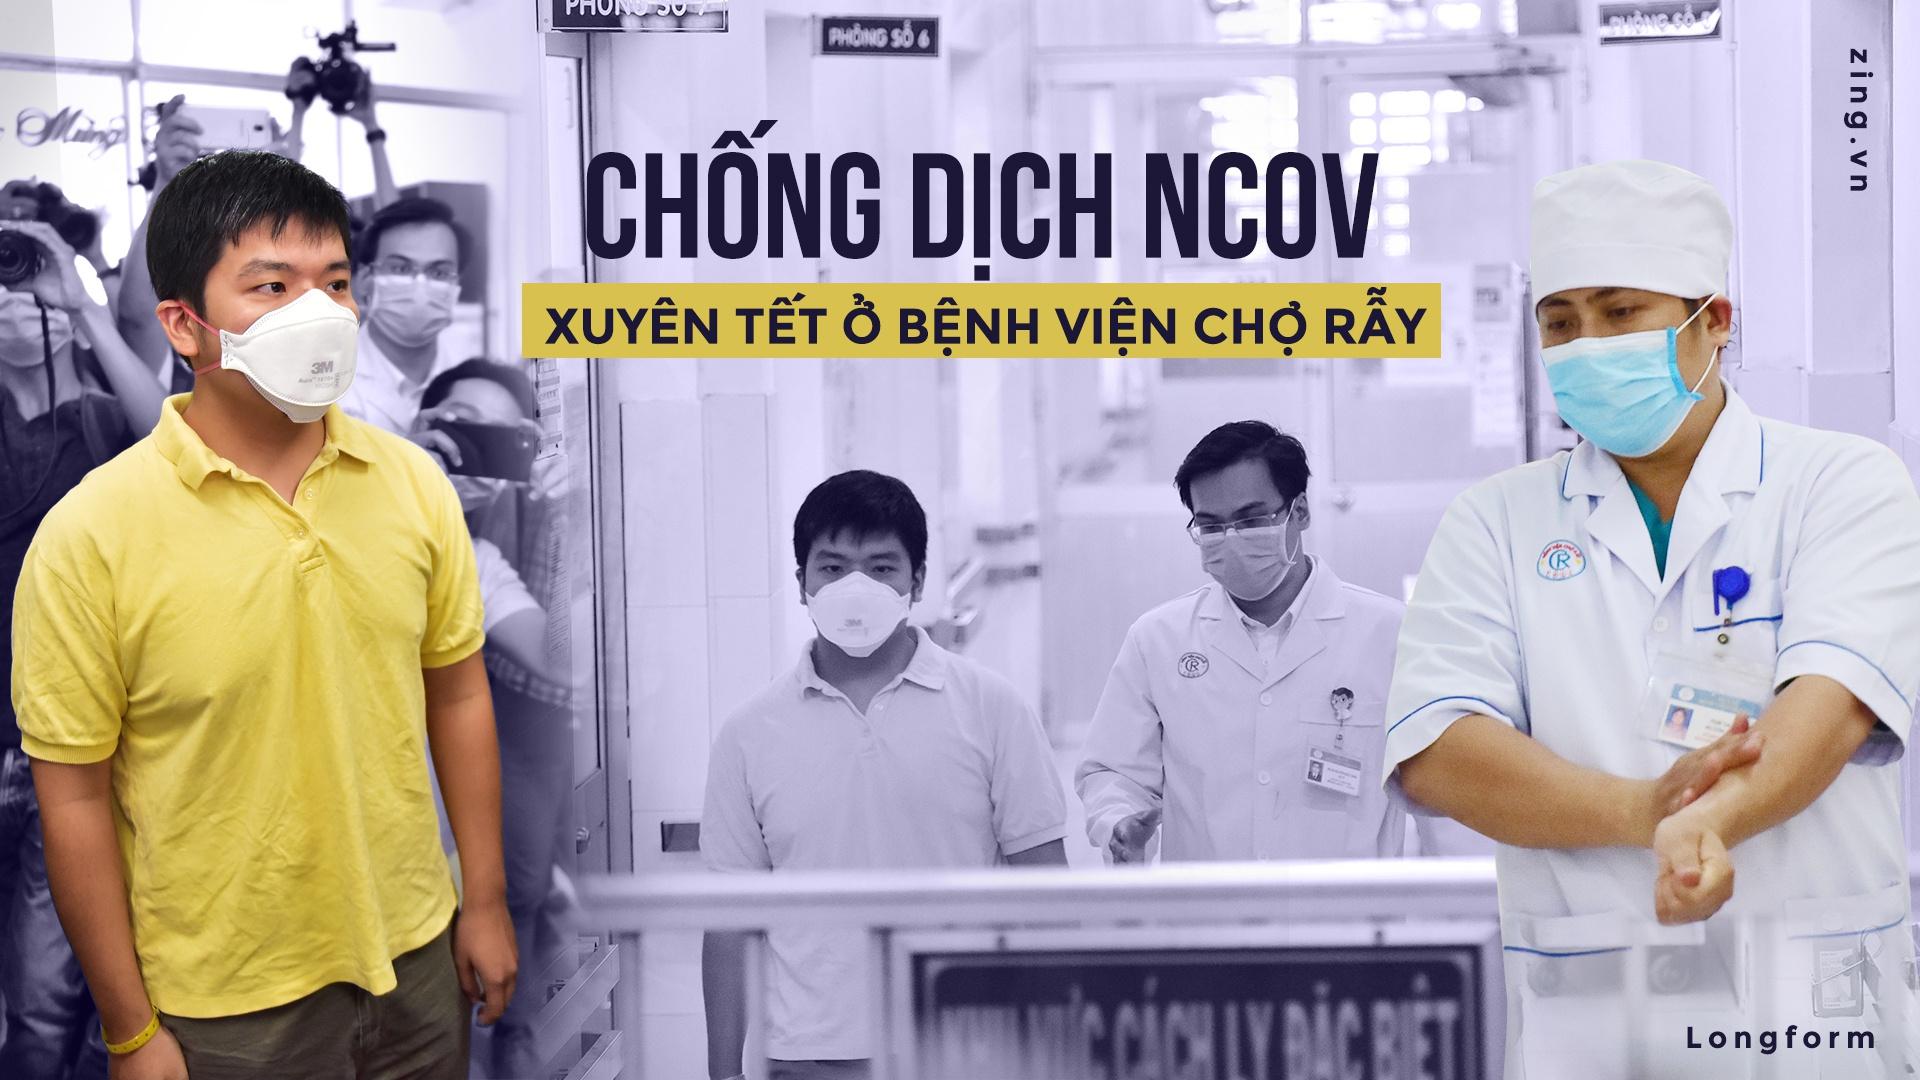 Chống dịch NCOV xuyên tết ở bệnh viện chợ Rẫy